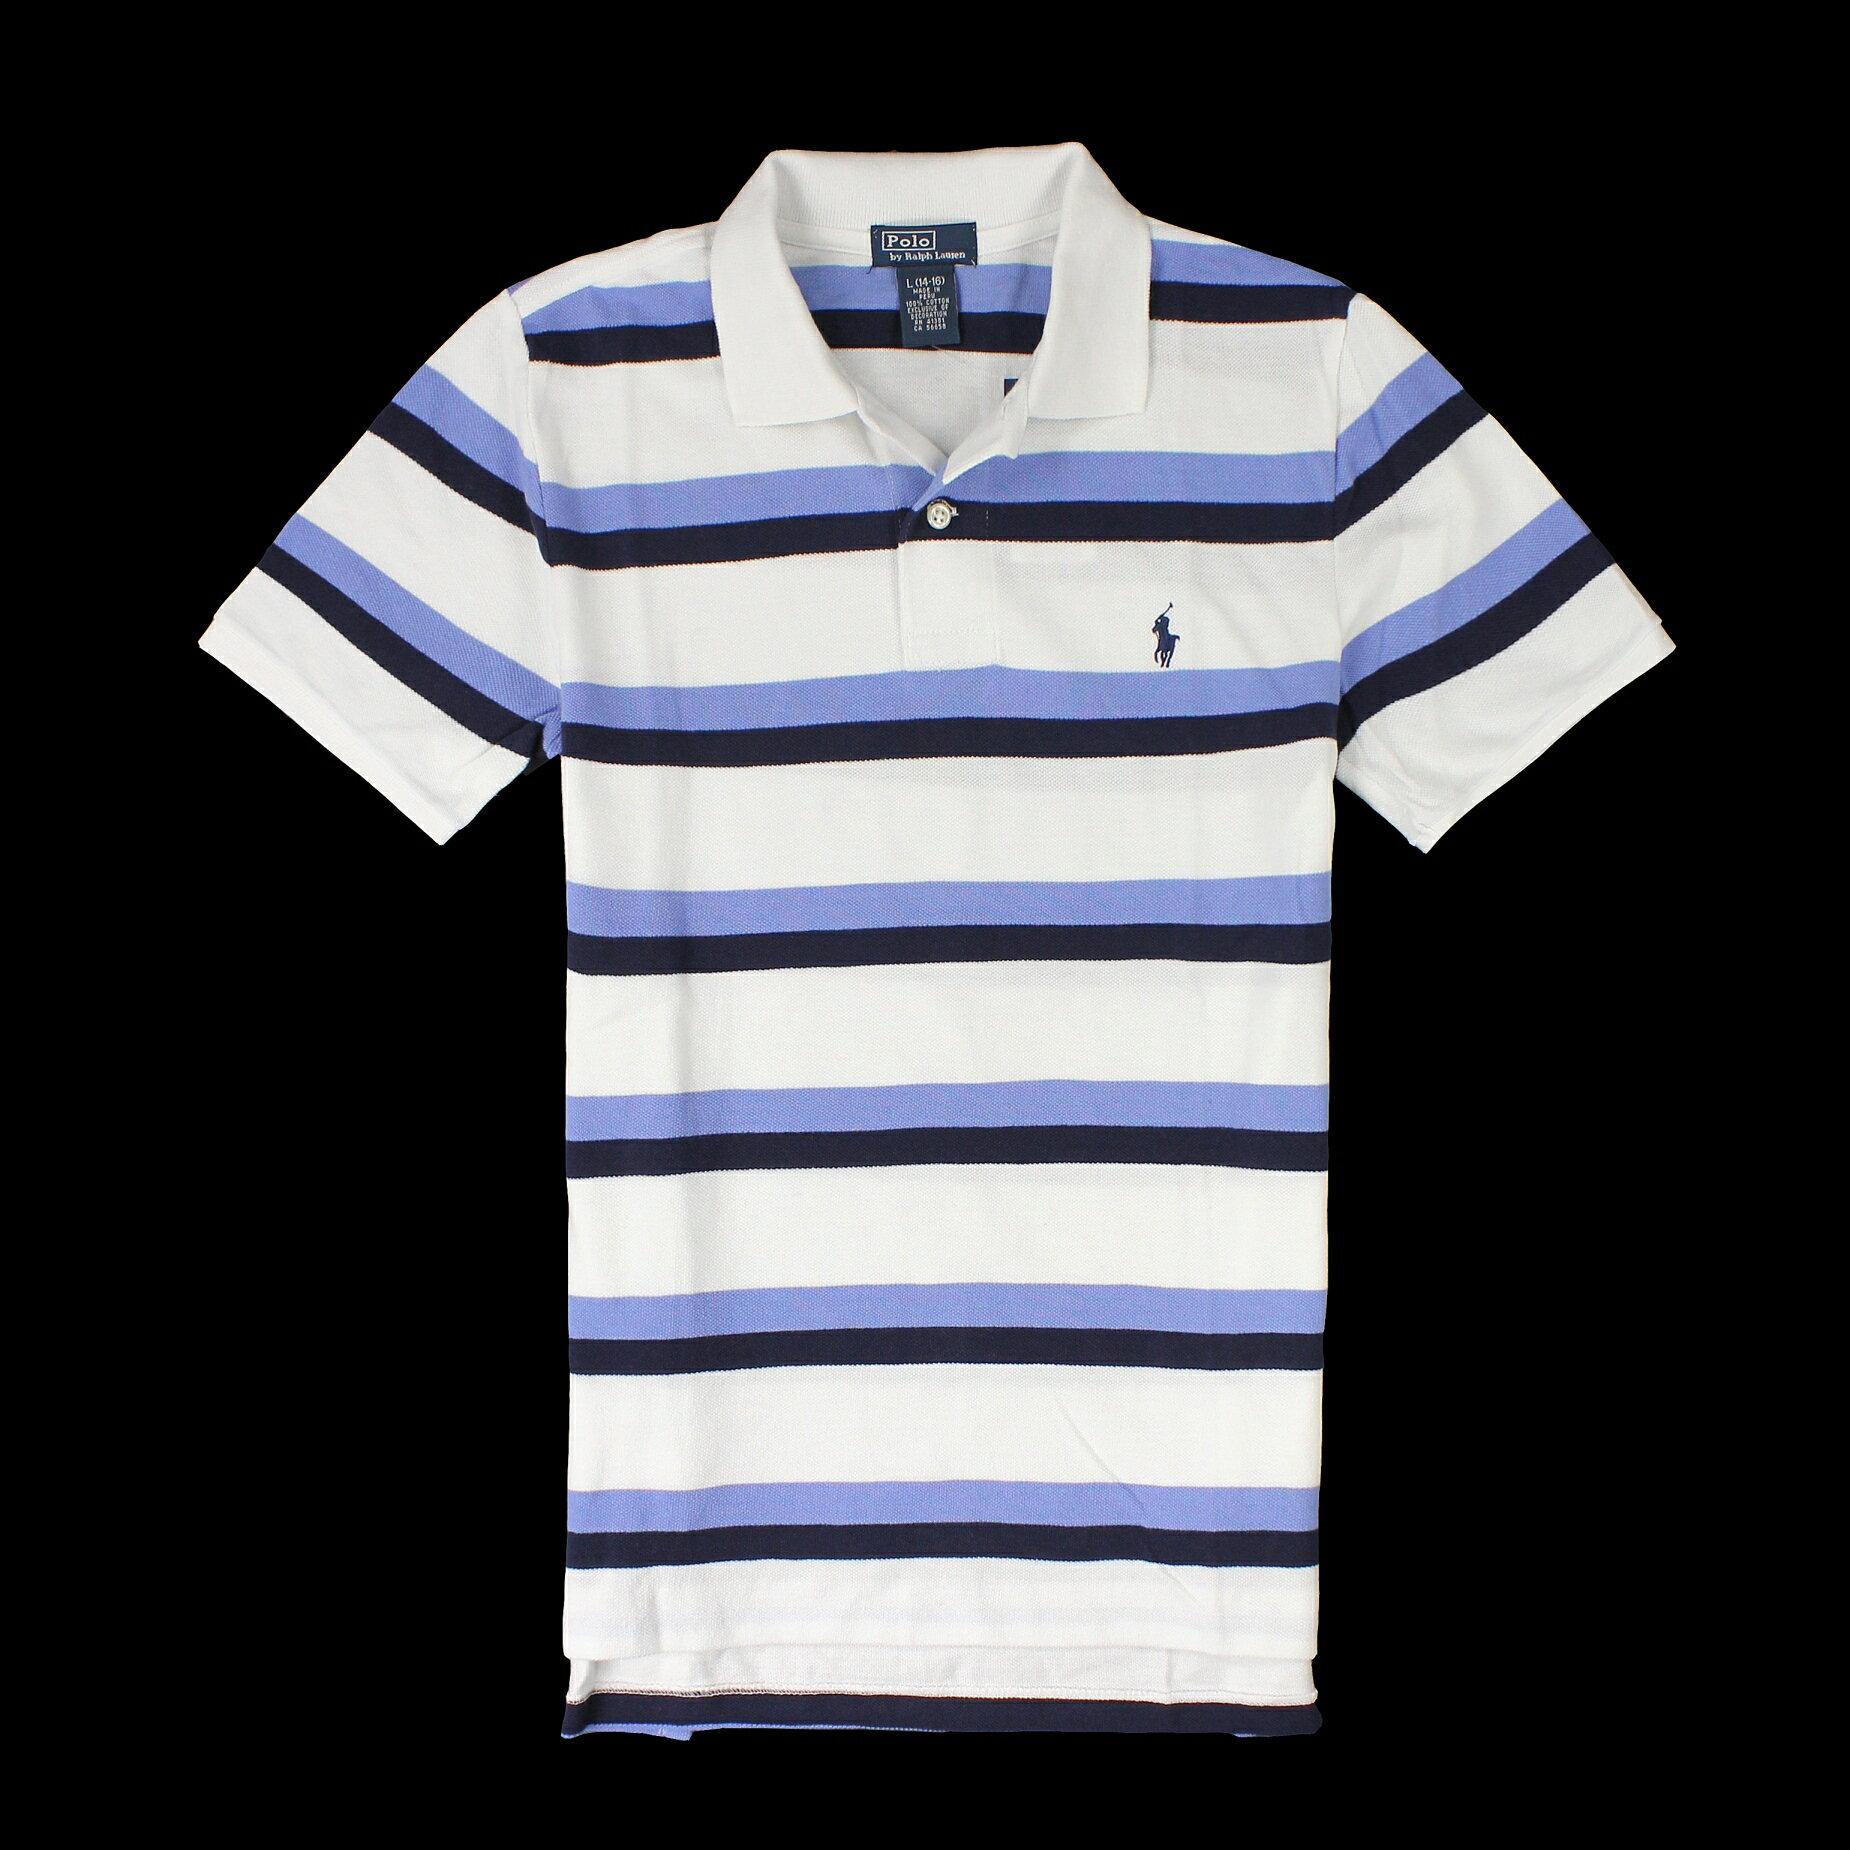 美國百分百【全新真品】Ralph Lauren Polo衫 RL 短袖 上衣 Polo 小馬 白藍 條紋 網眼 男 XS S A782